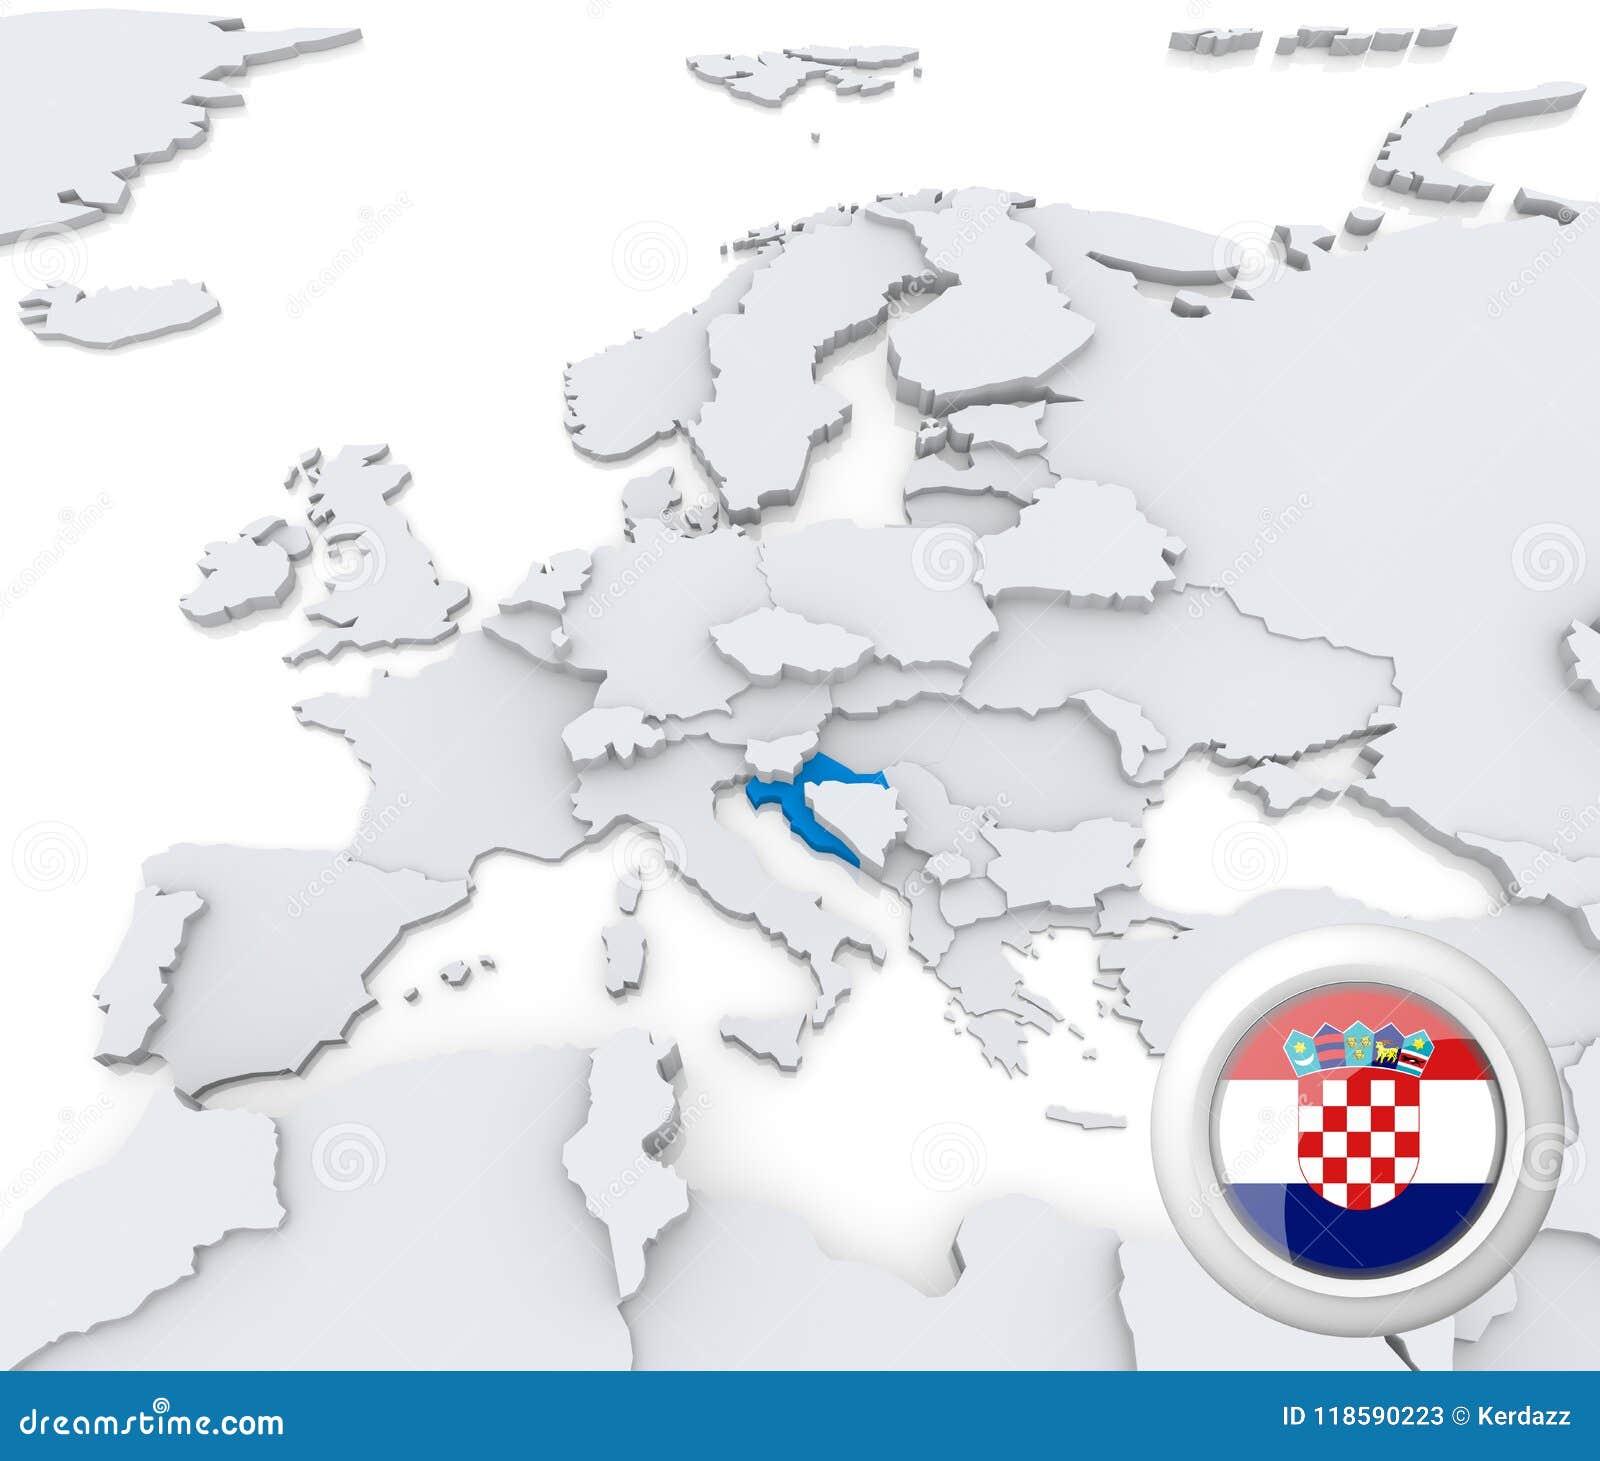 Croatia On Map Of Europe Stock Illustration Illustration Of Emblem